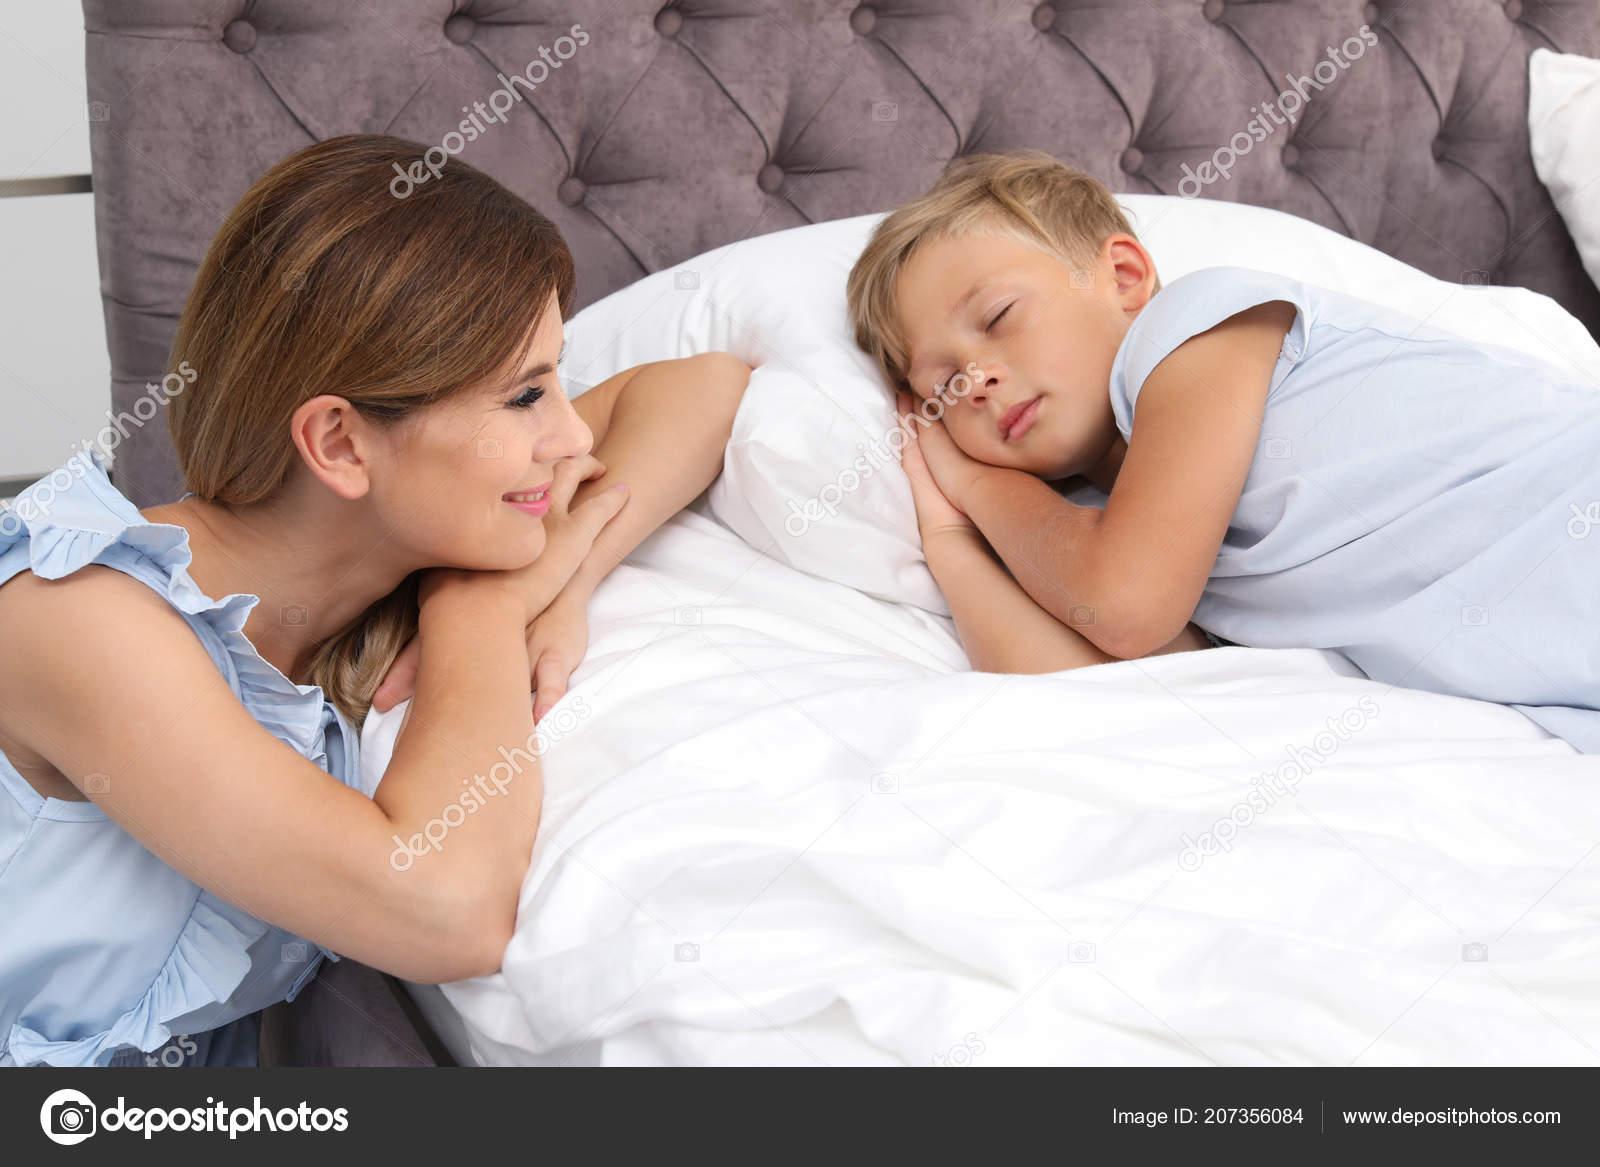 Син ебет свою родную мать, Сын трахнул свою родную мать смотреть онлайн на 17 фотография